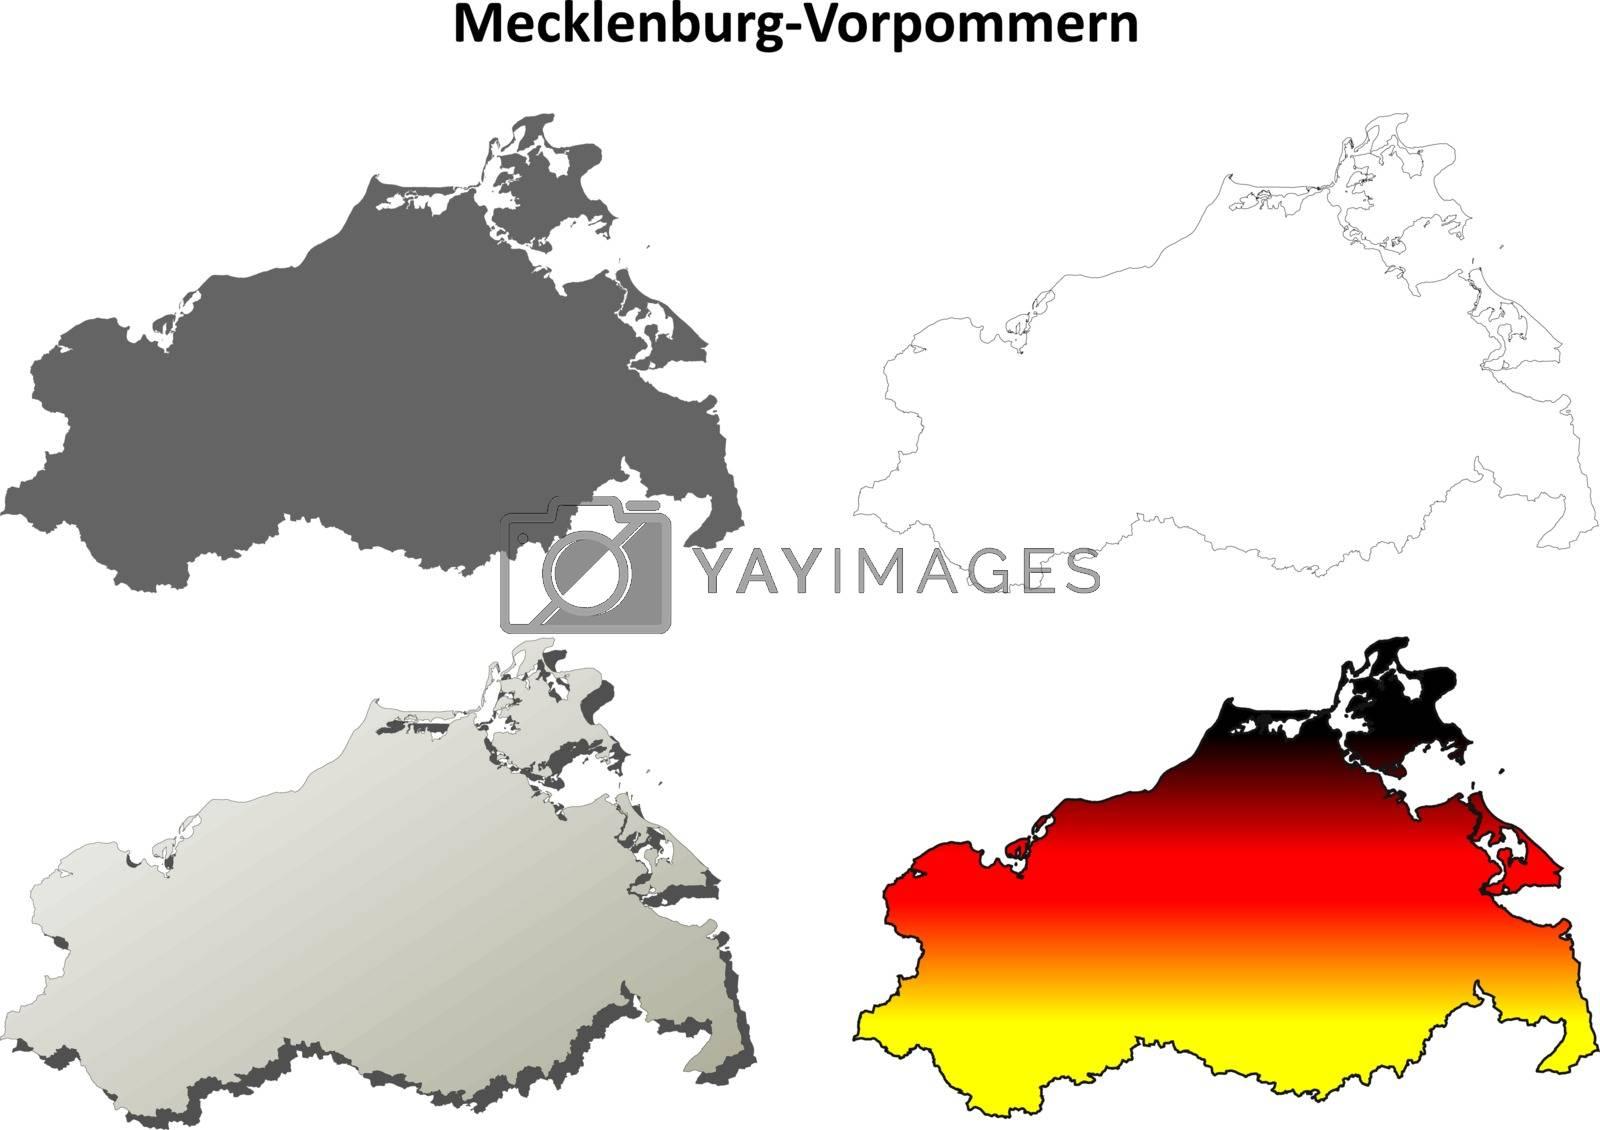 Single mecklenburg vorpommern